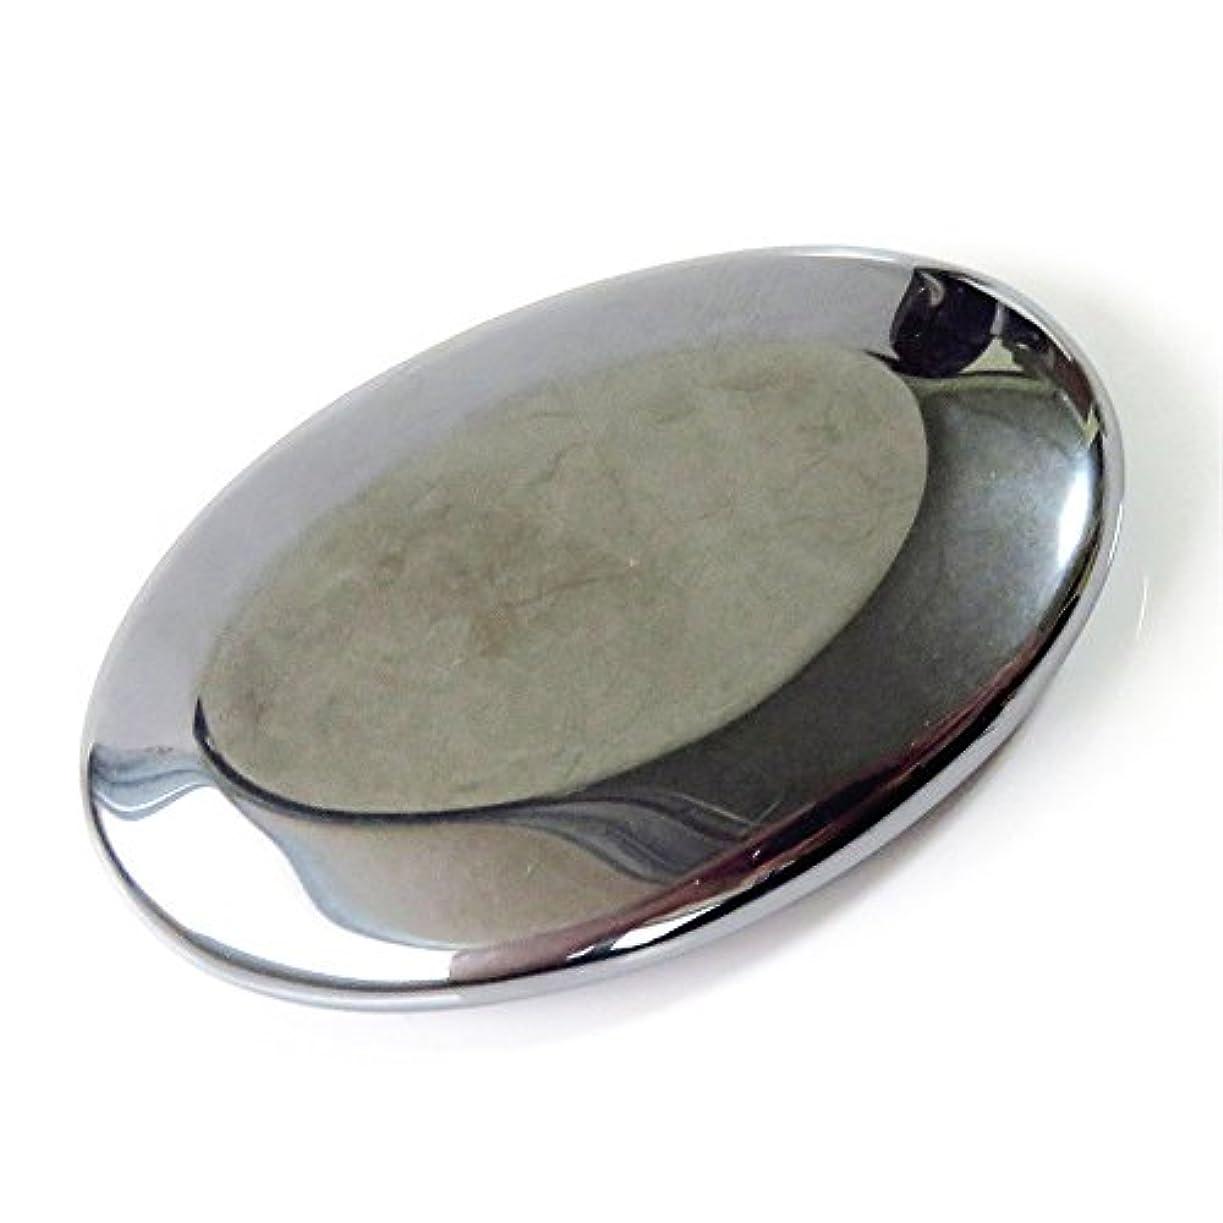 比率コミットメント指定するエステ業界も注目 テラヘルツ鉱石かっさプレート 楕円型